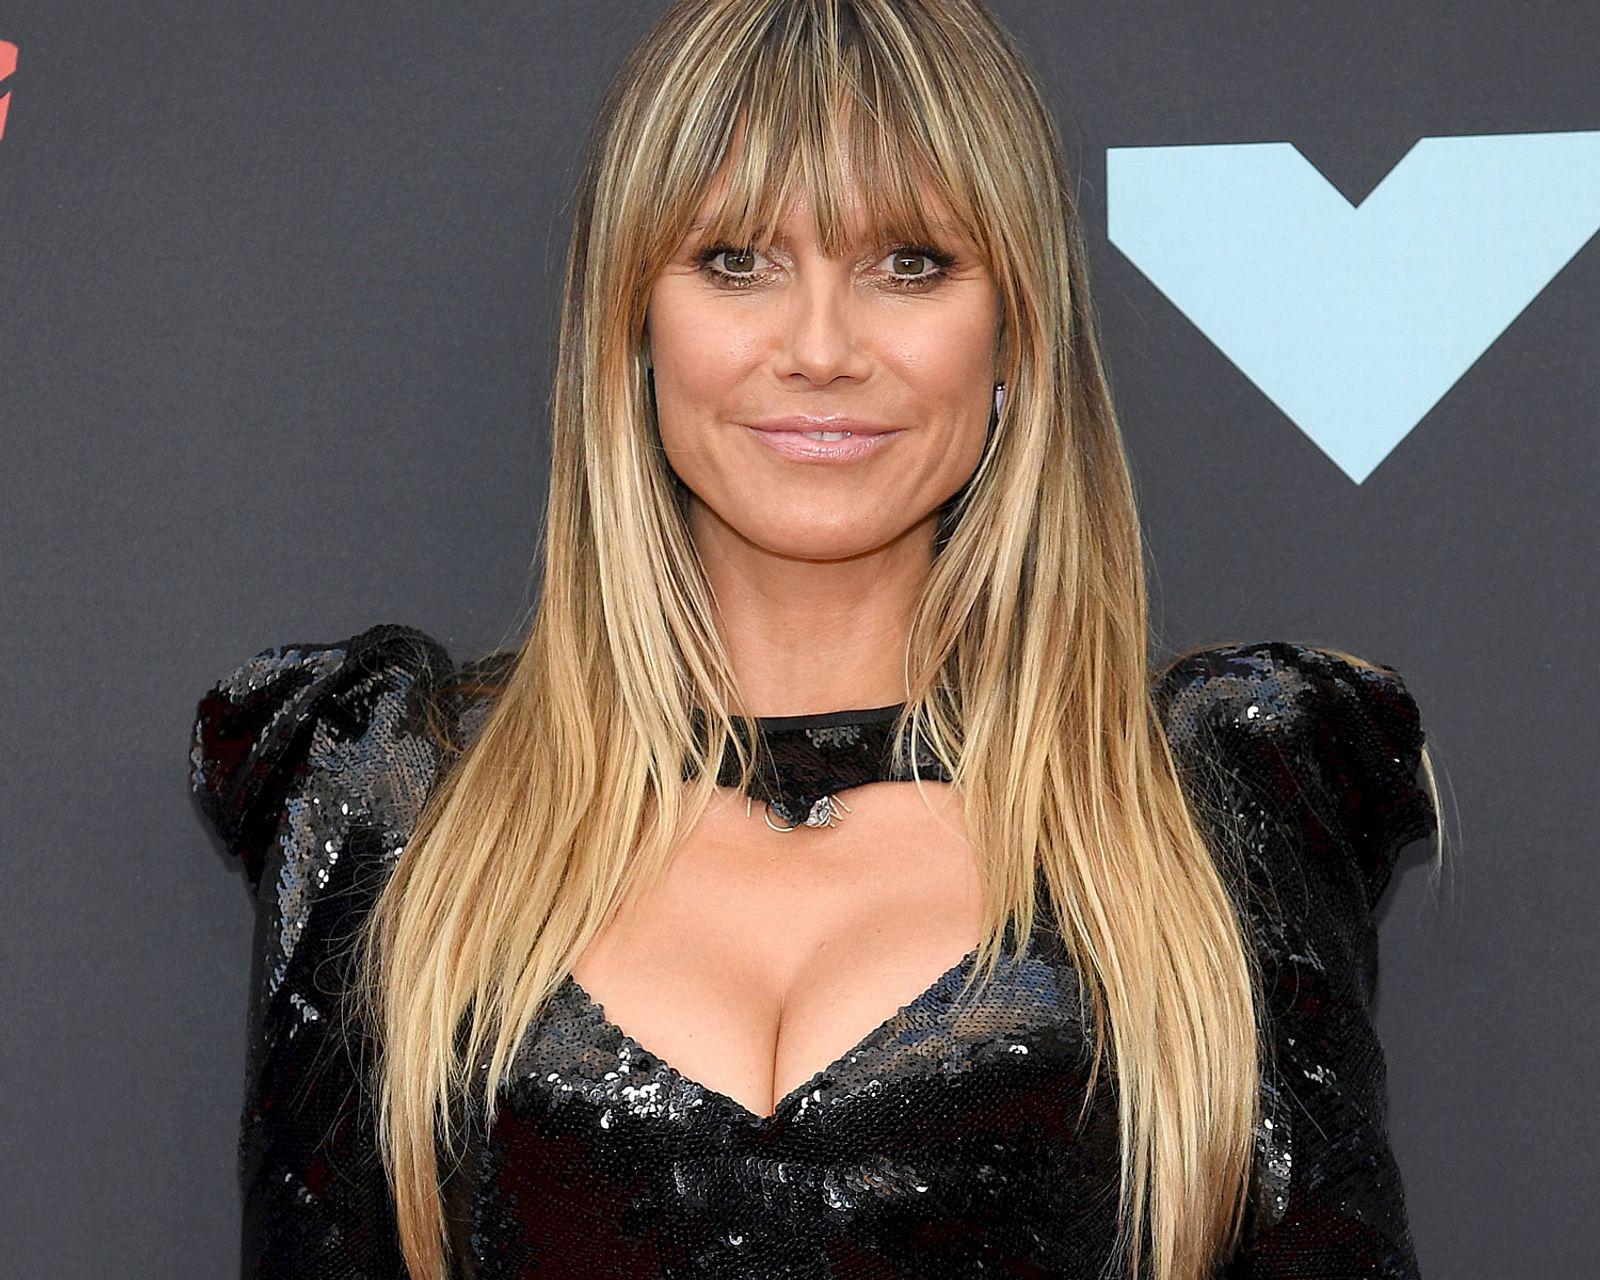 Nackte Brüste in der Badewanne: Heidi Klum kann es einfach